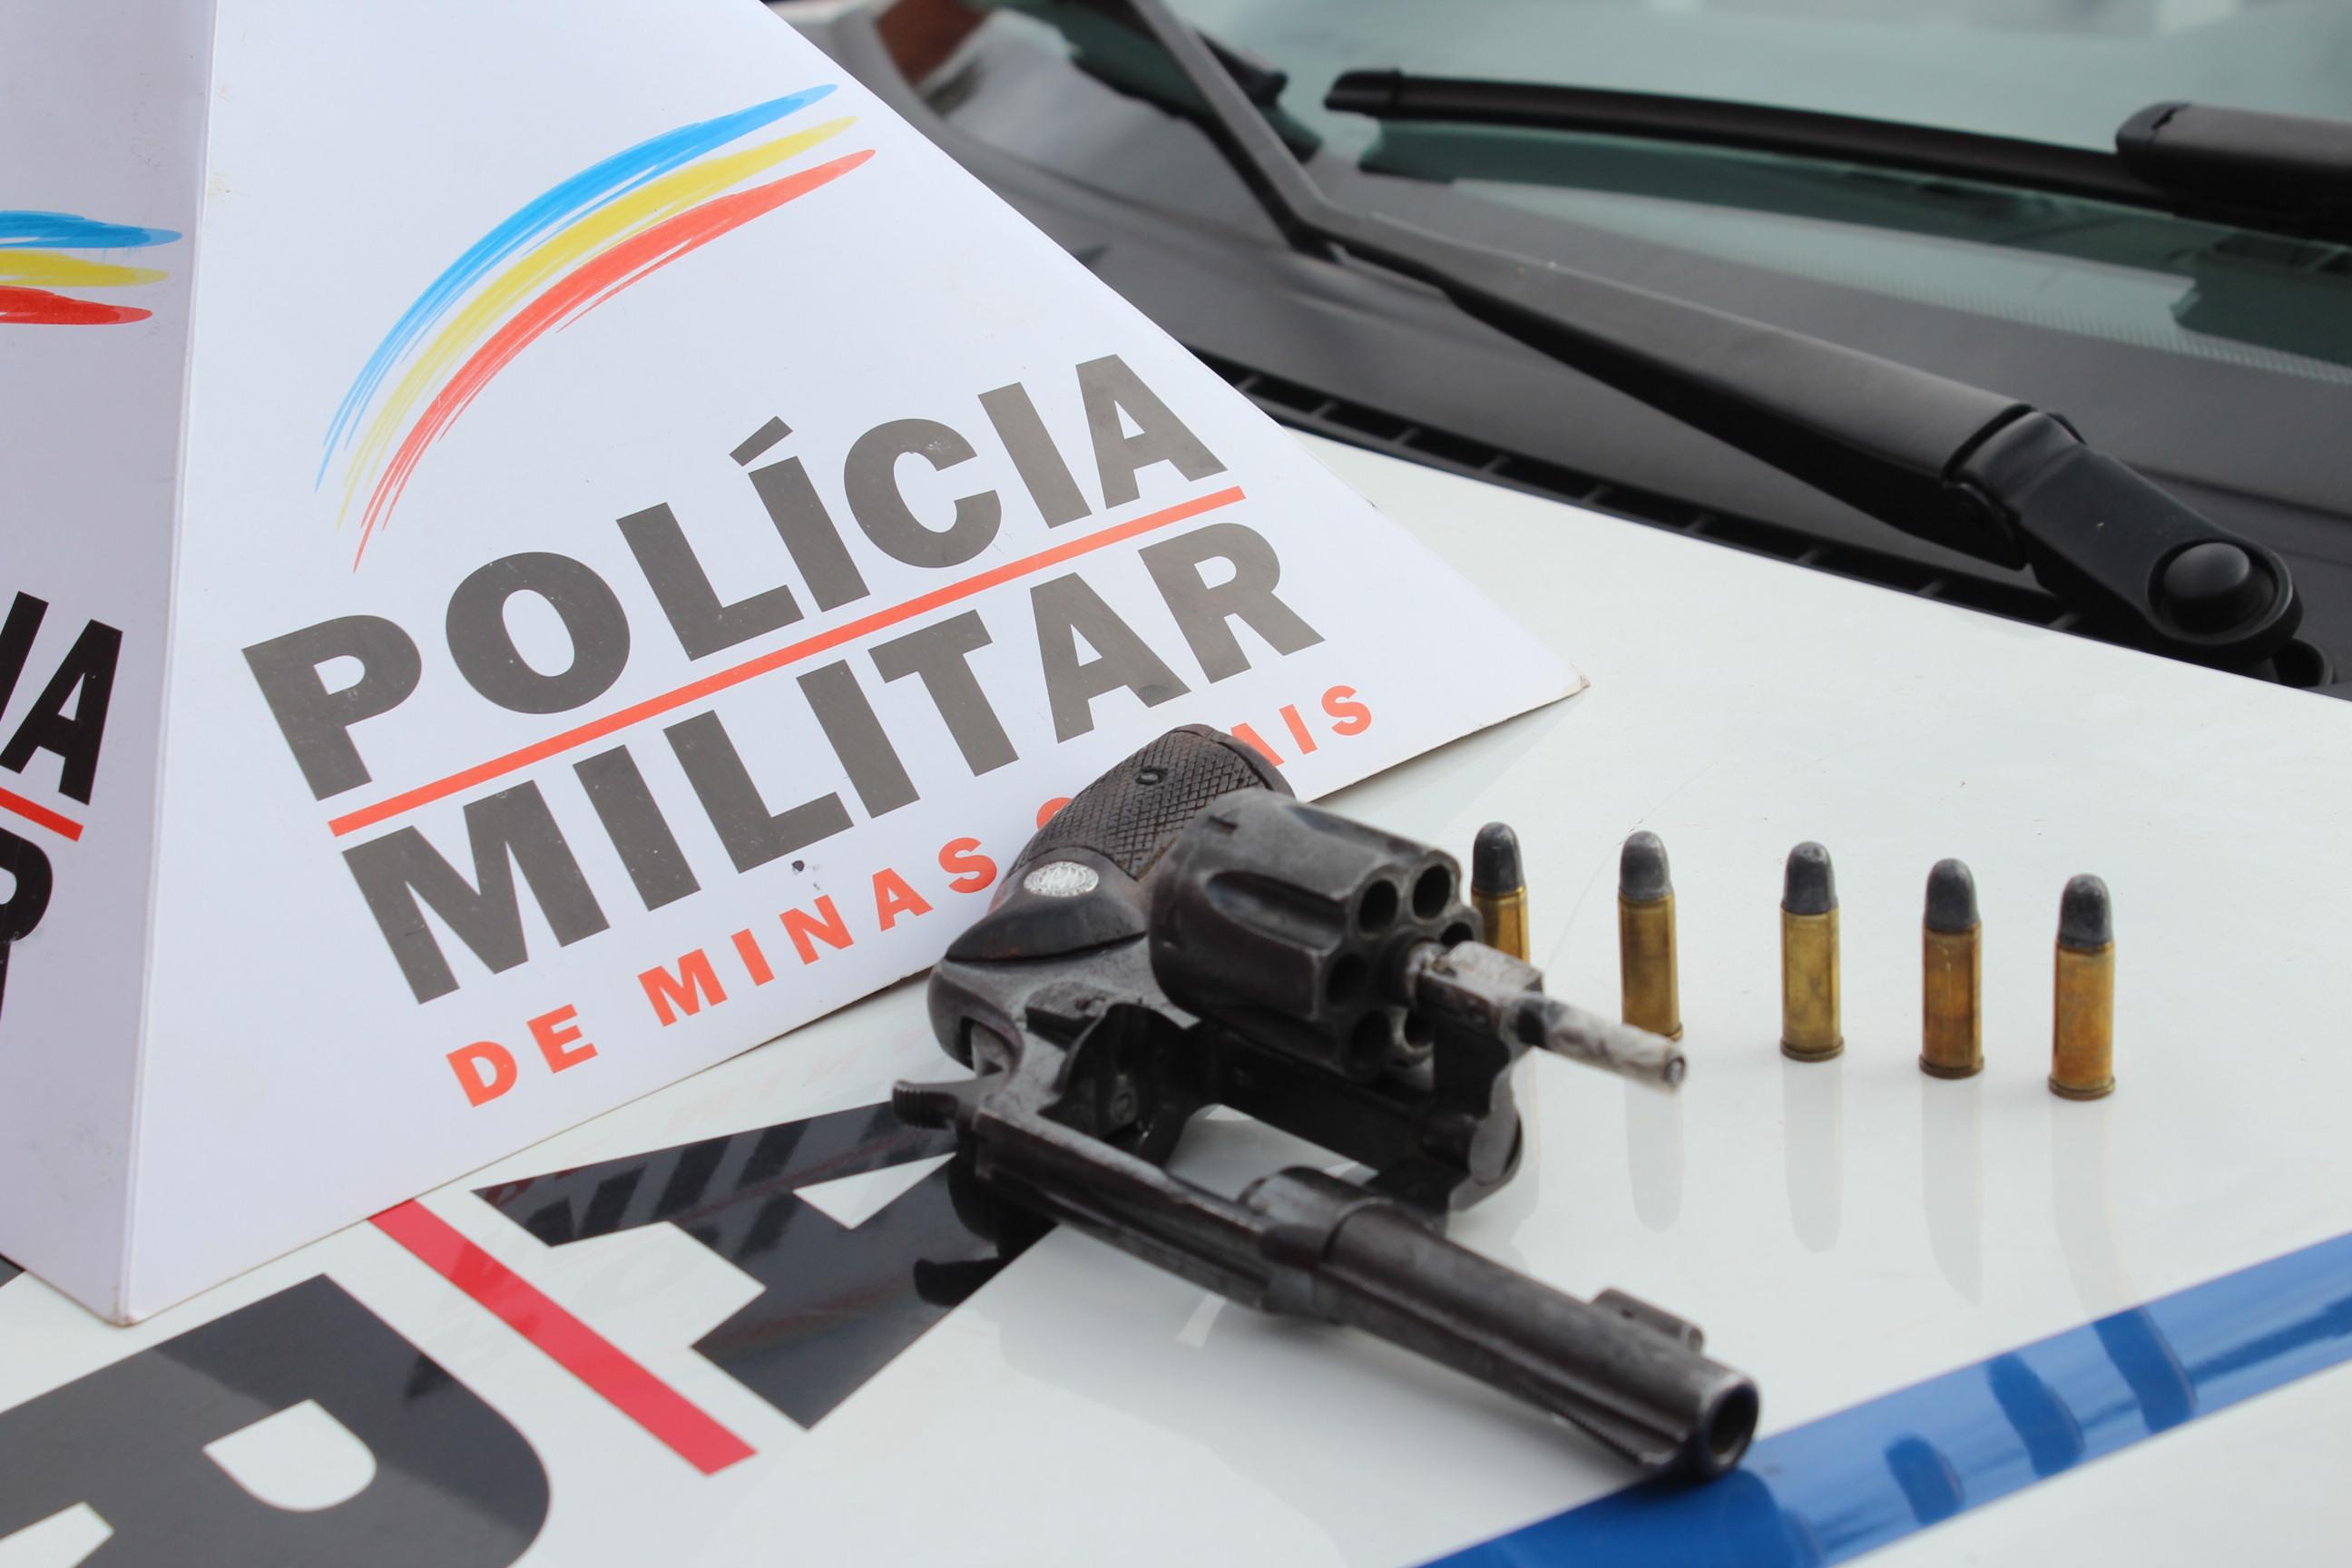 Uma arma de fogo foi aprendida pela polícia - Foto: Thalles Benício